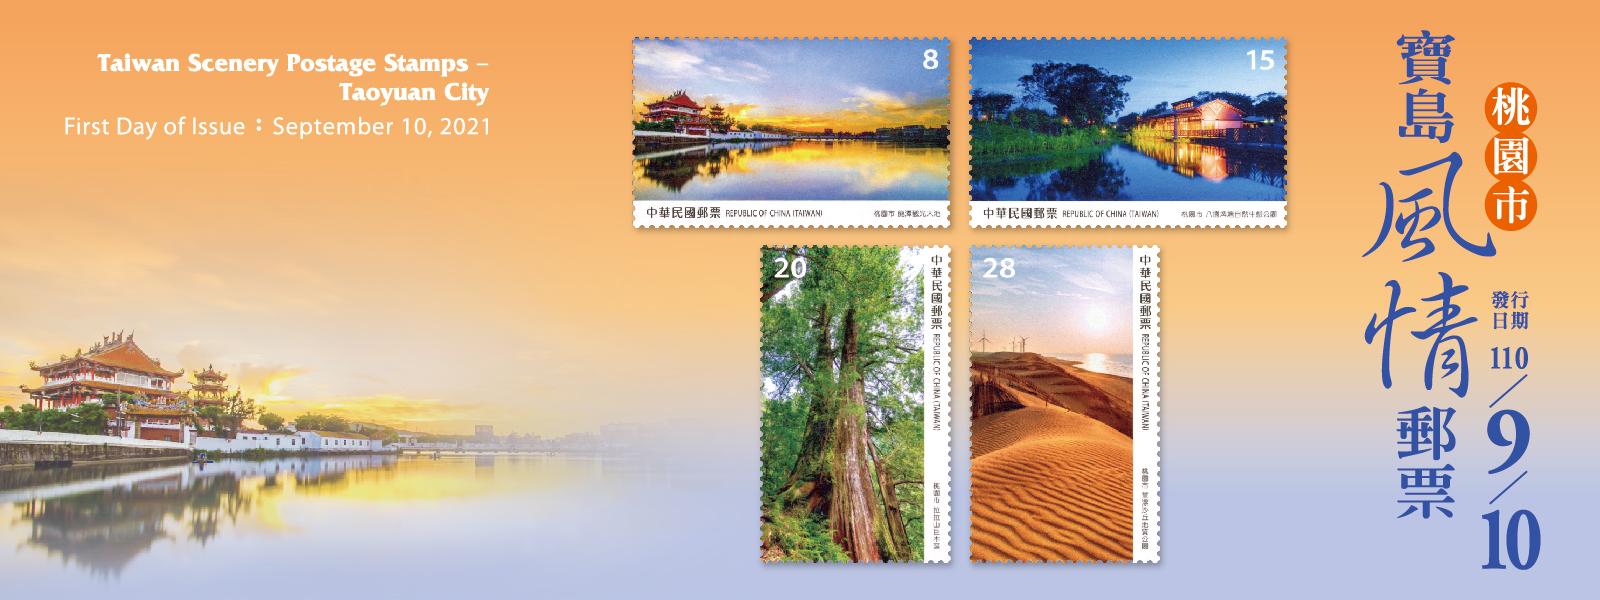 繼105年起發行「寶島風情」系列郵票後,本公司續以桃園市著名景點為主題,發行郵票1套4枚。